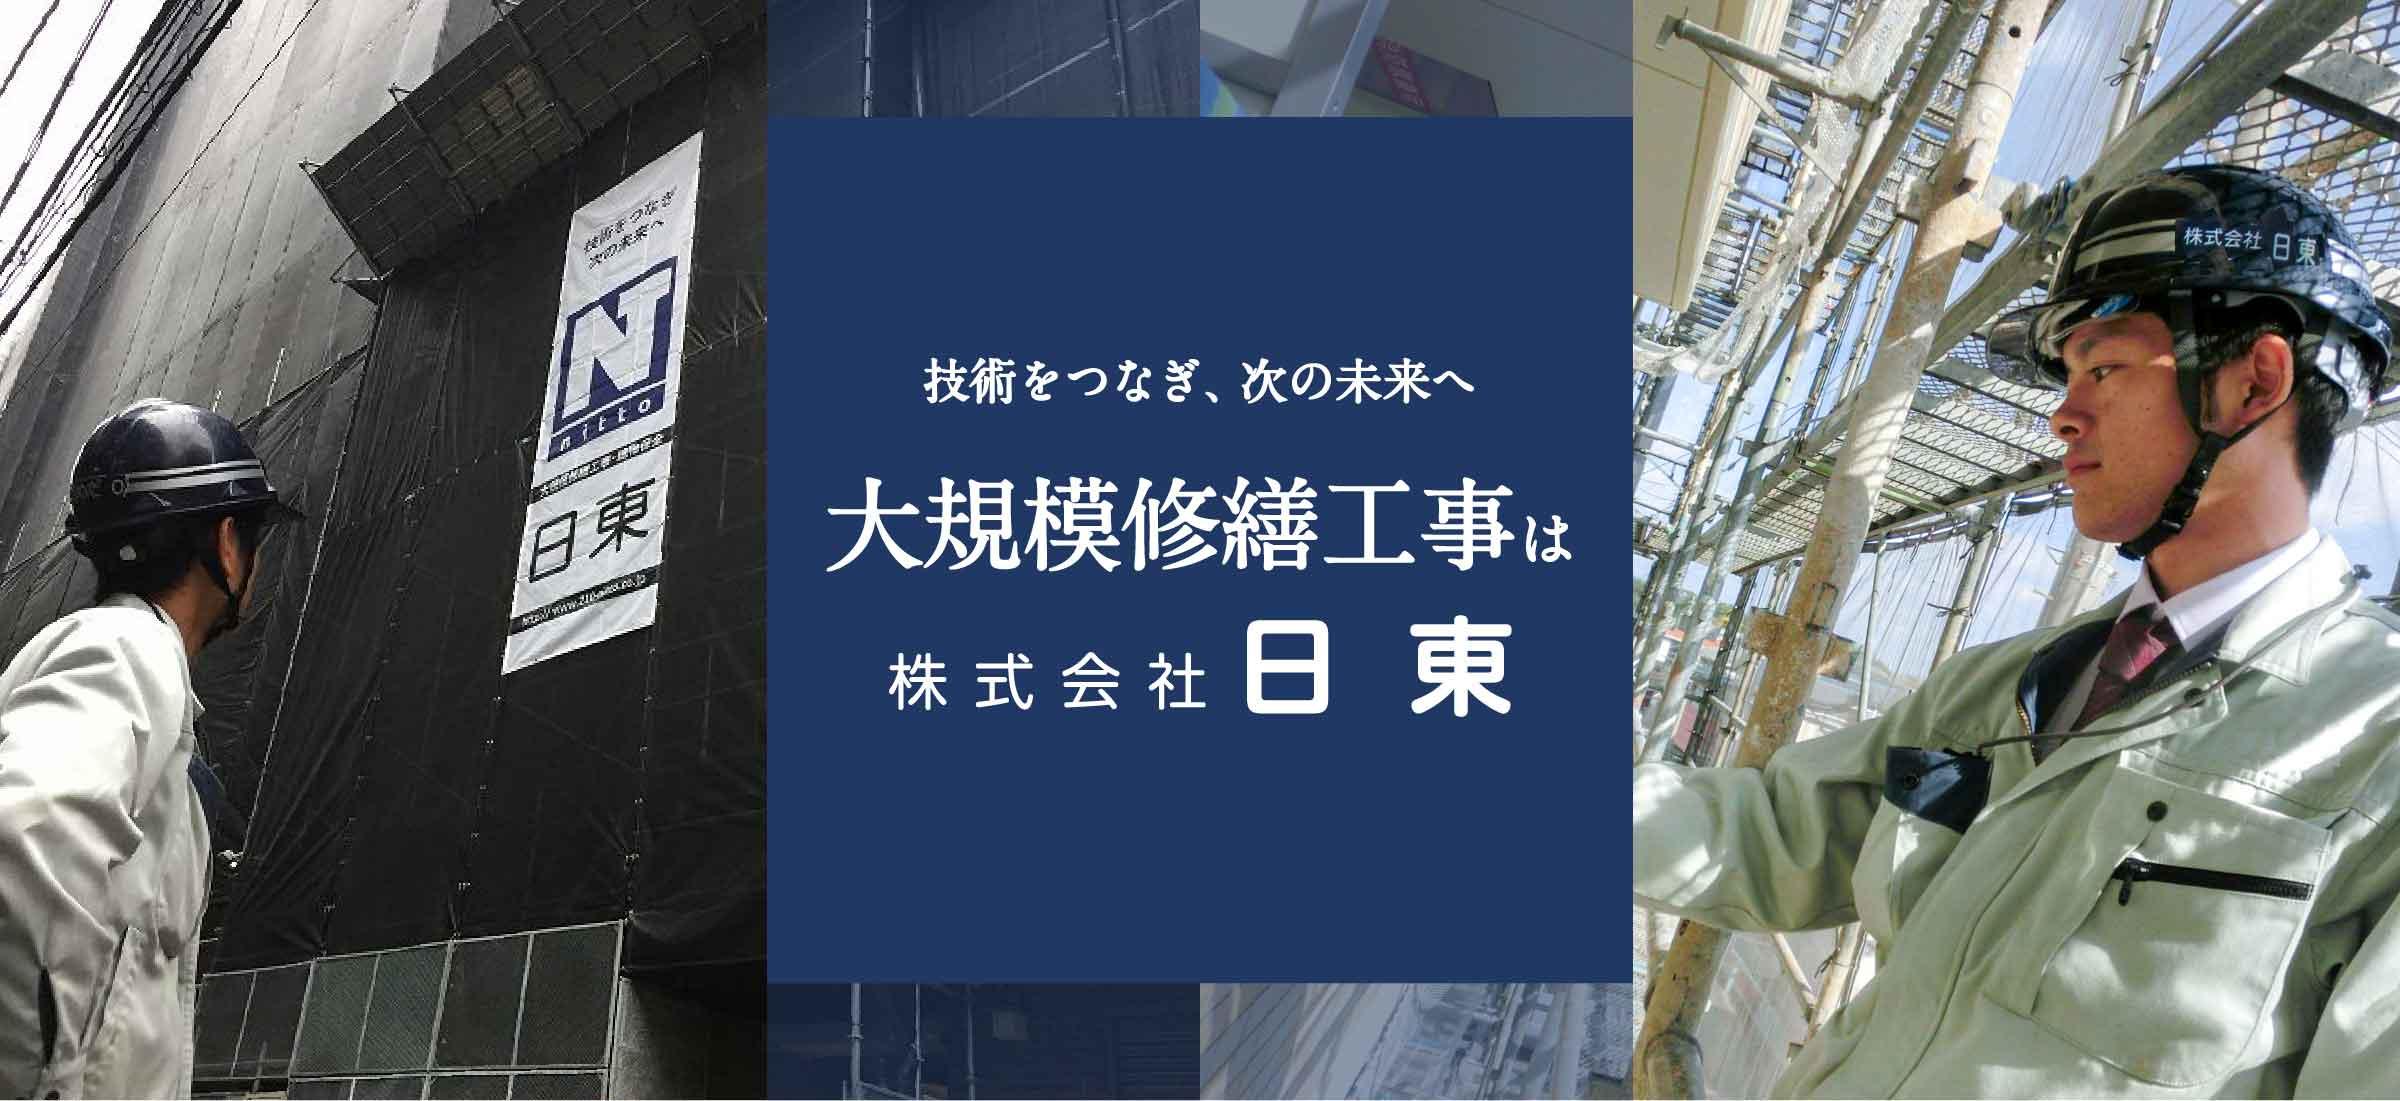 大規模修繕工事は株式会社 日東